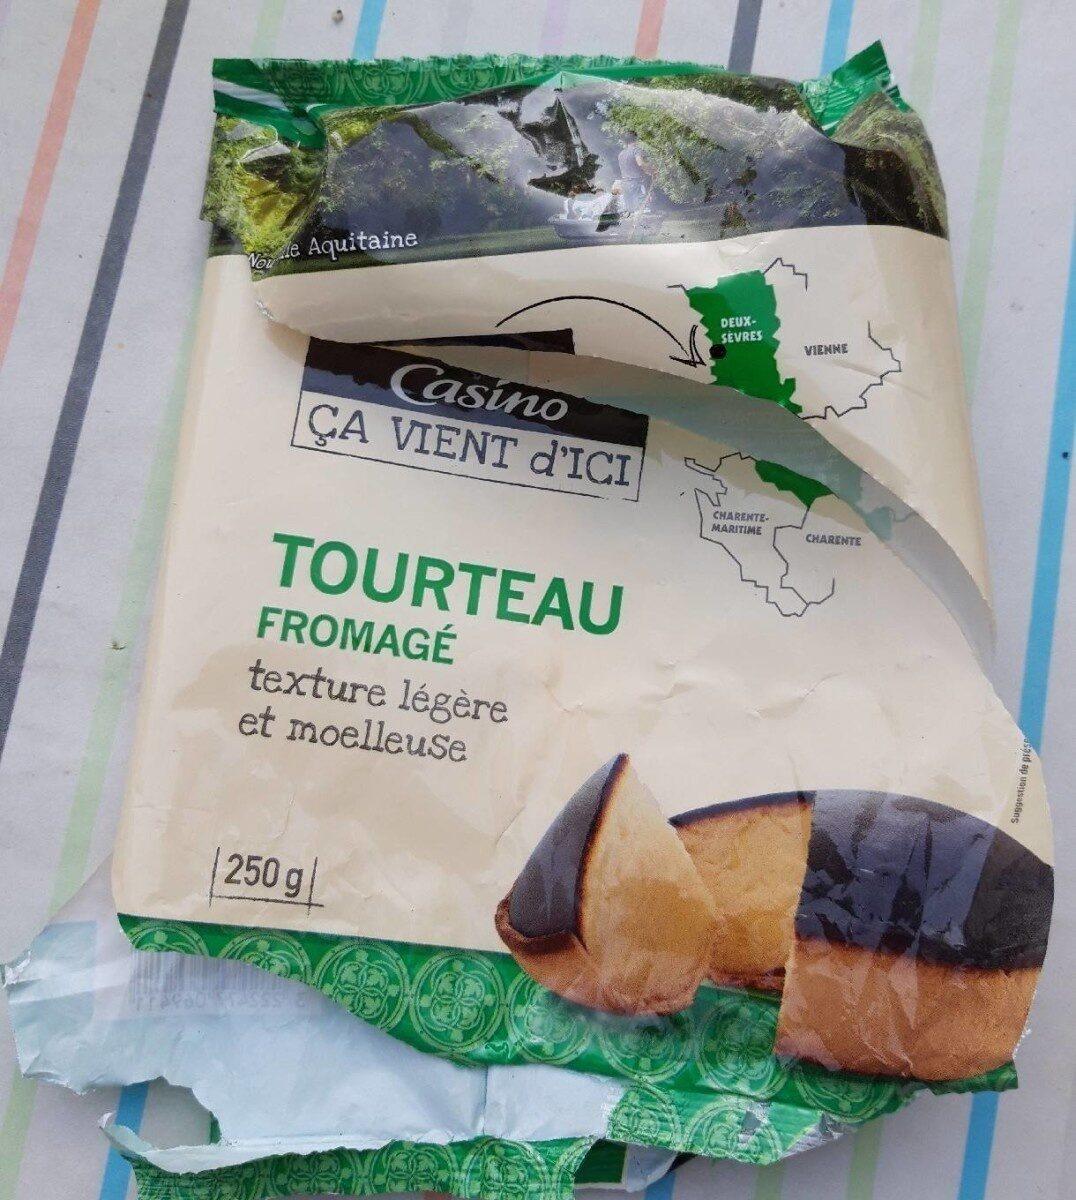 Tourteau fromagé - Product - fr